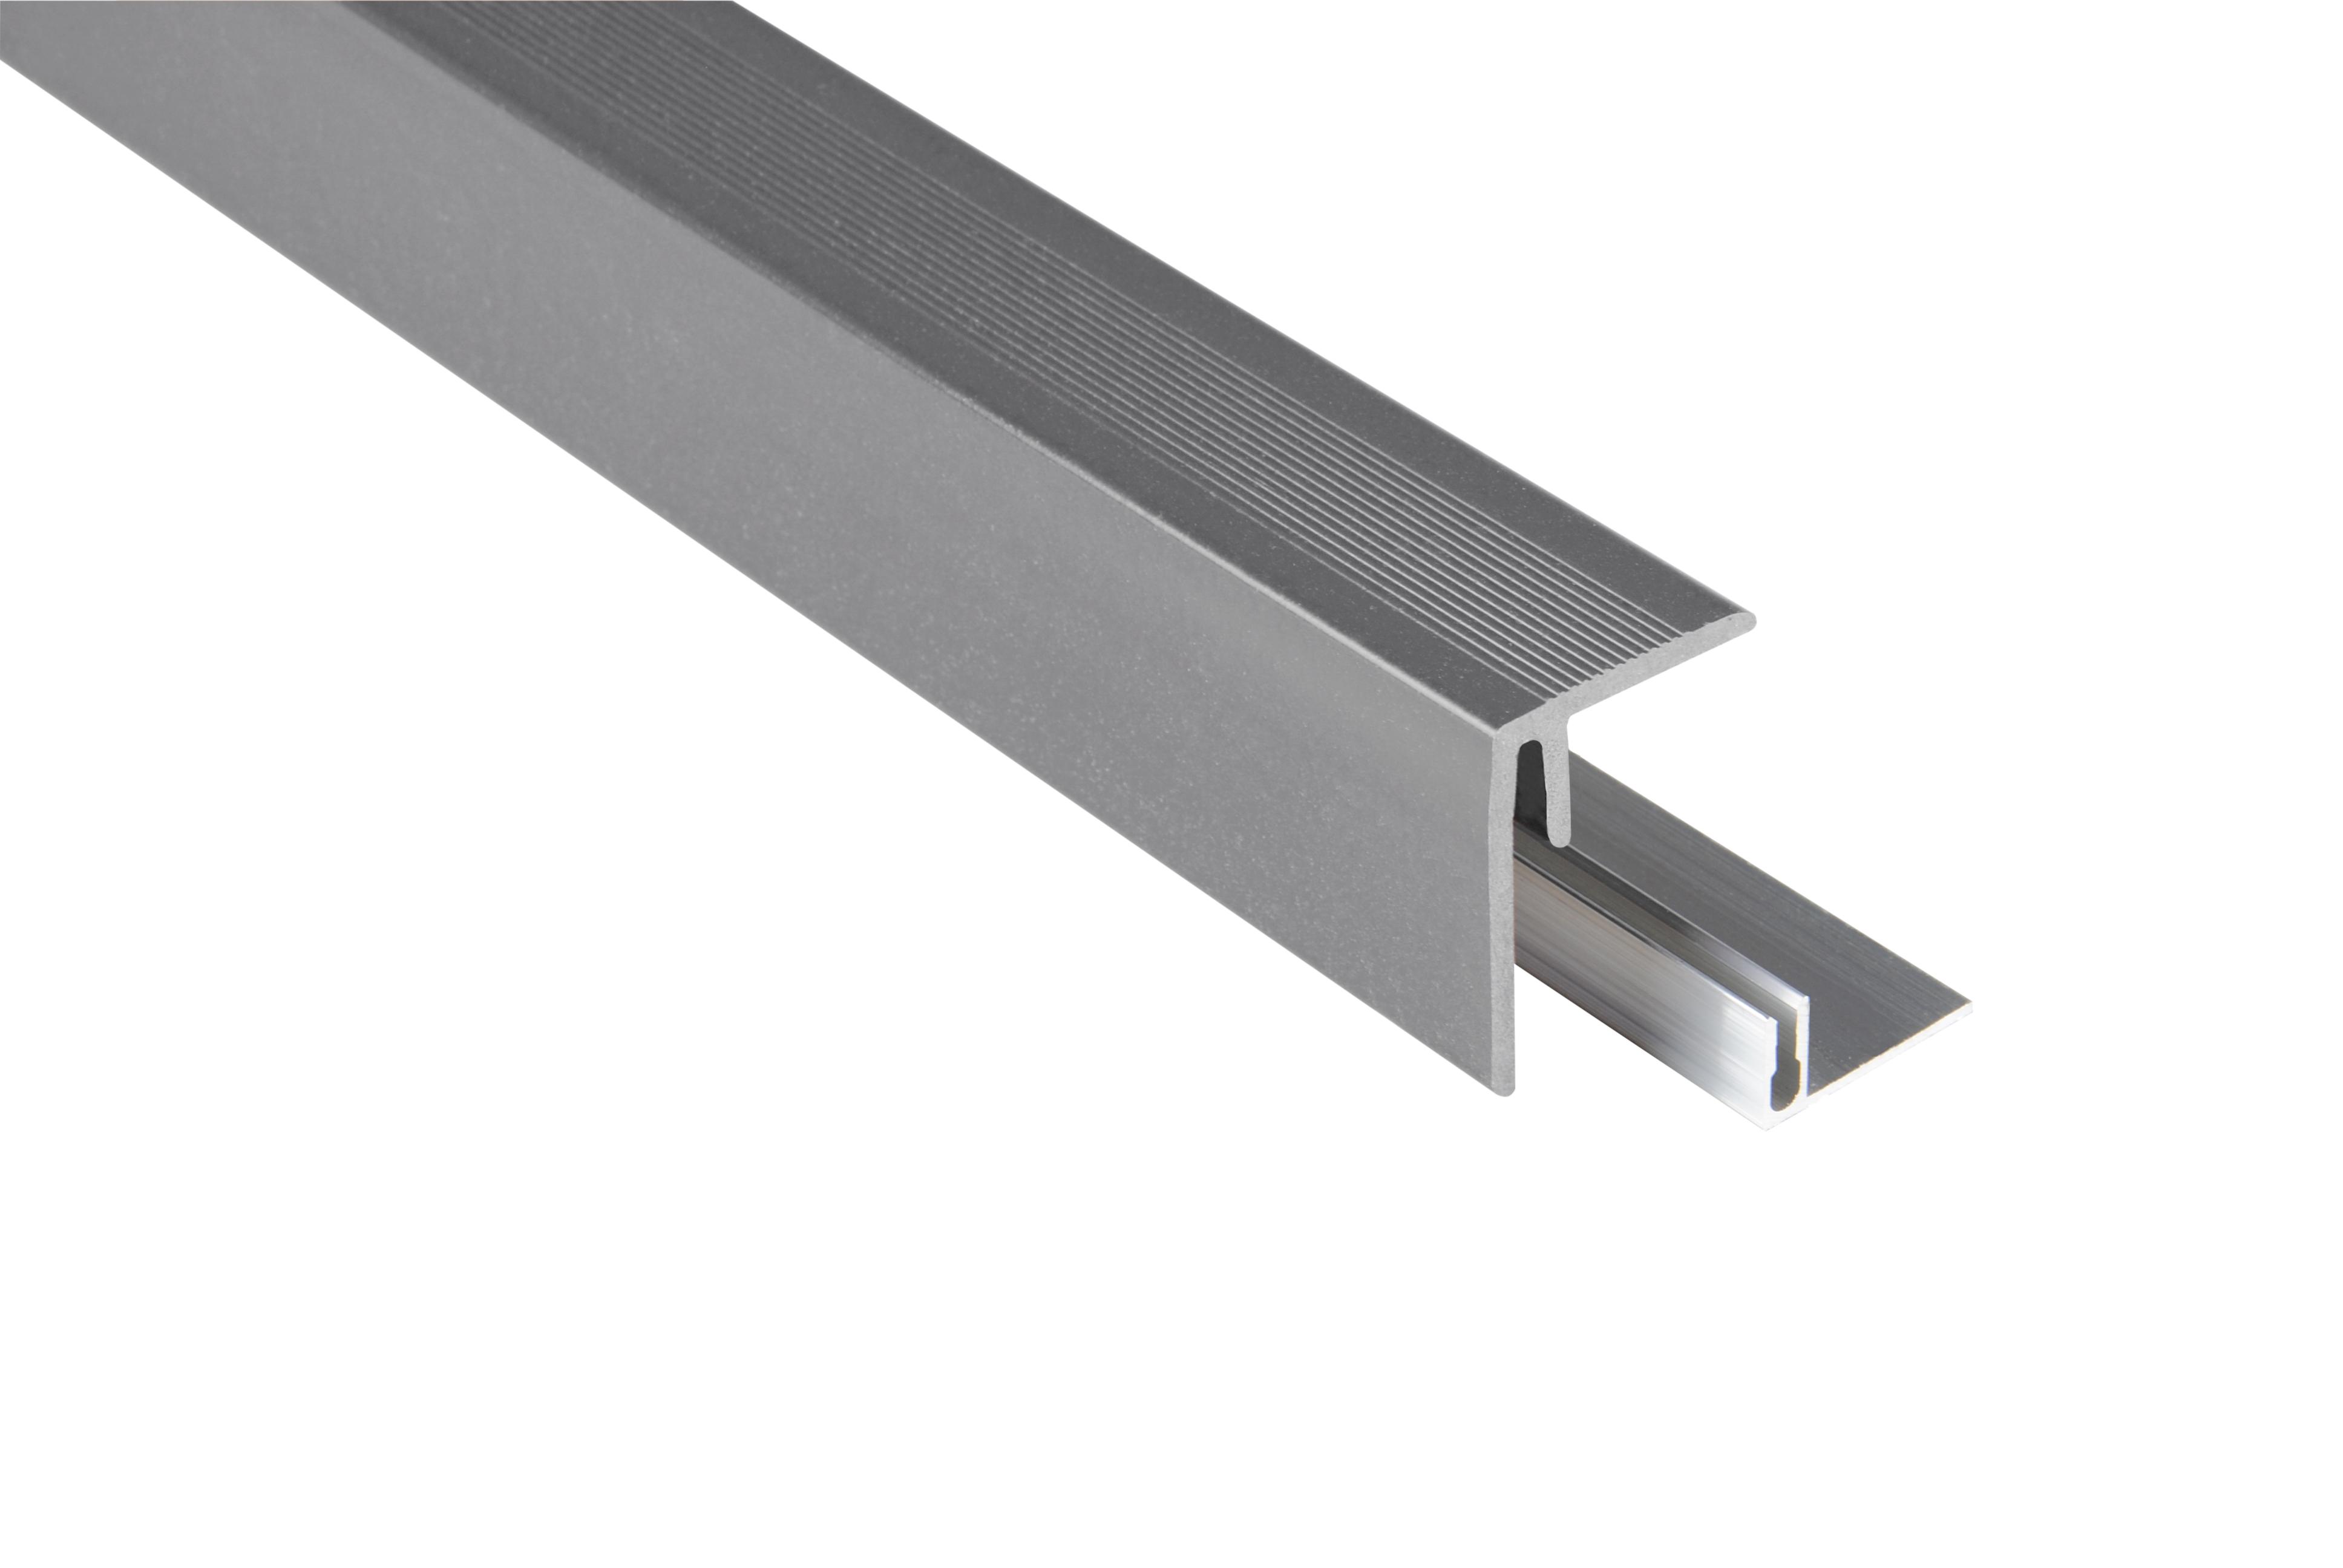 Kovalex WPC Seitenabschluss inkl. Befestigungsprofil - Farbe: Grau unbehandelt - Abmessung: 47x62x2.500 mm - Nur für Terrassendielen mit einer Stärke von 26 mm geeignet